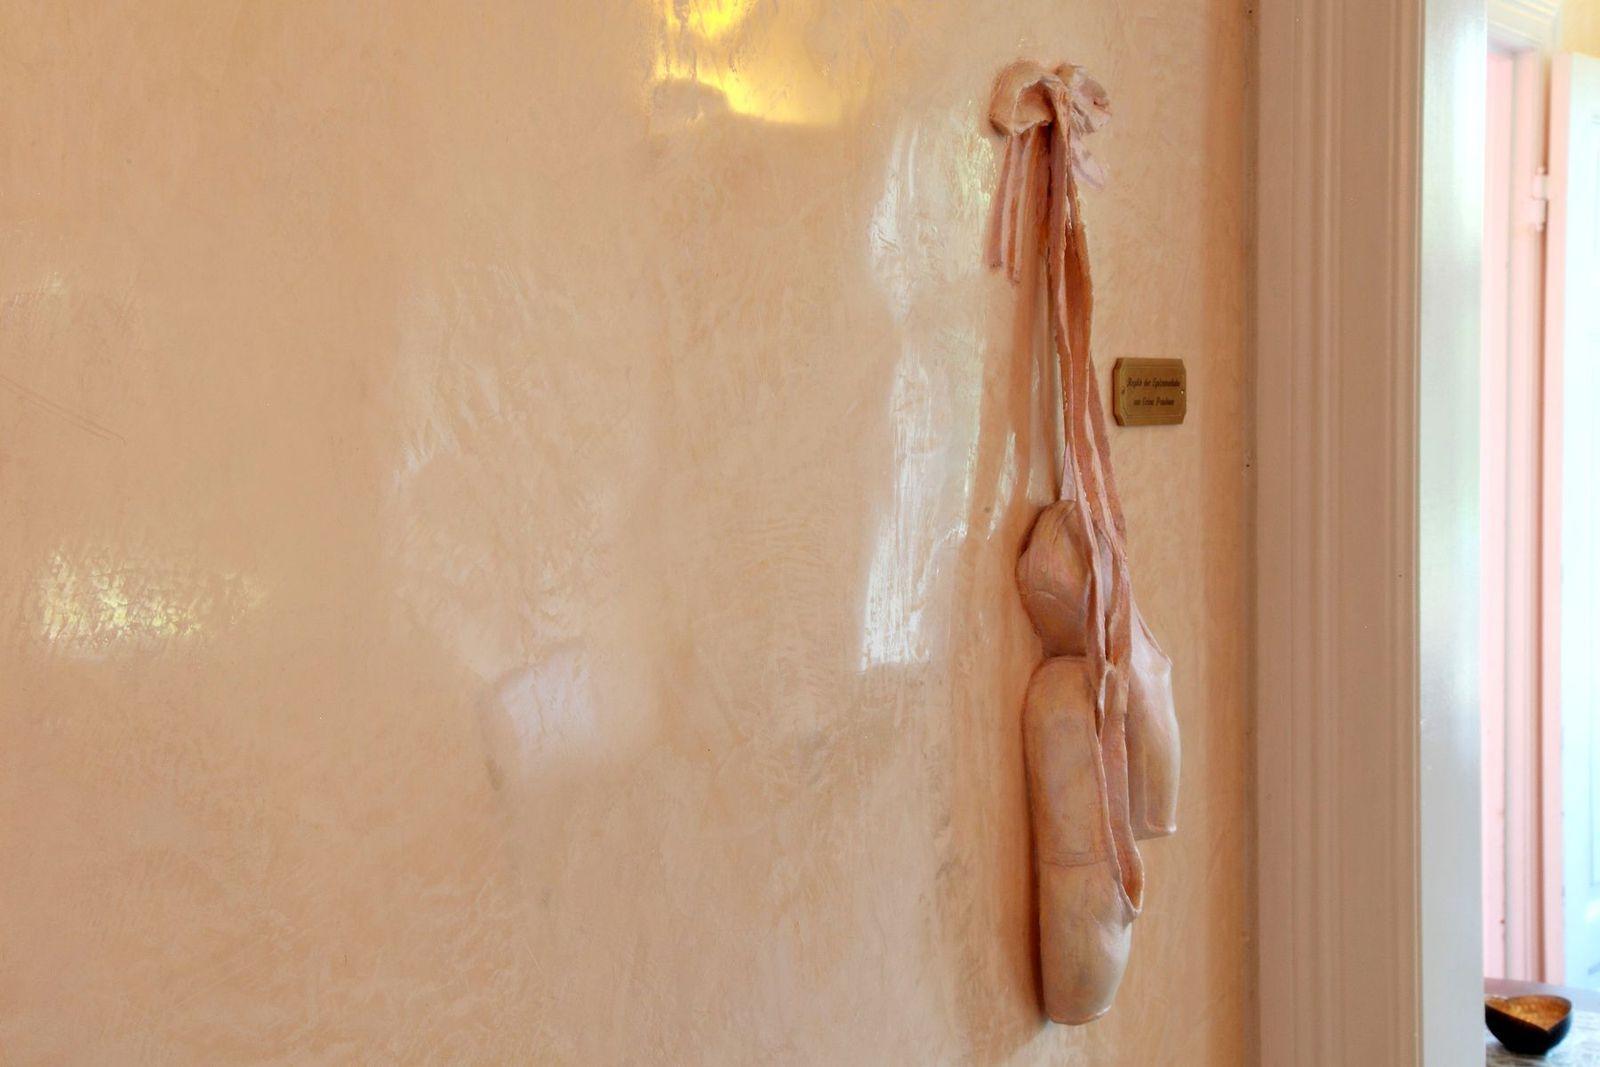 Stucco Lustro - Ballettschuhen - Skulptur